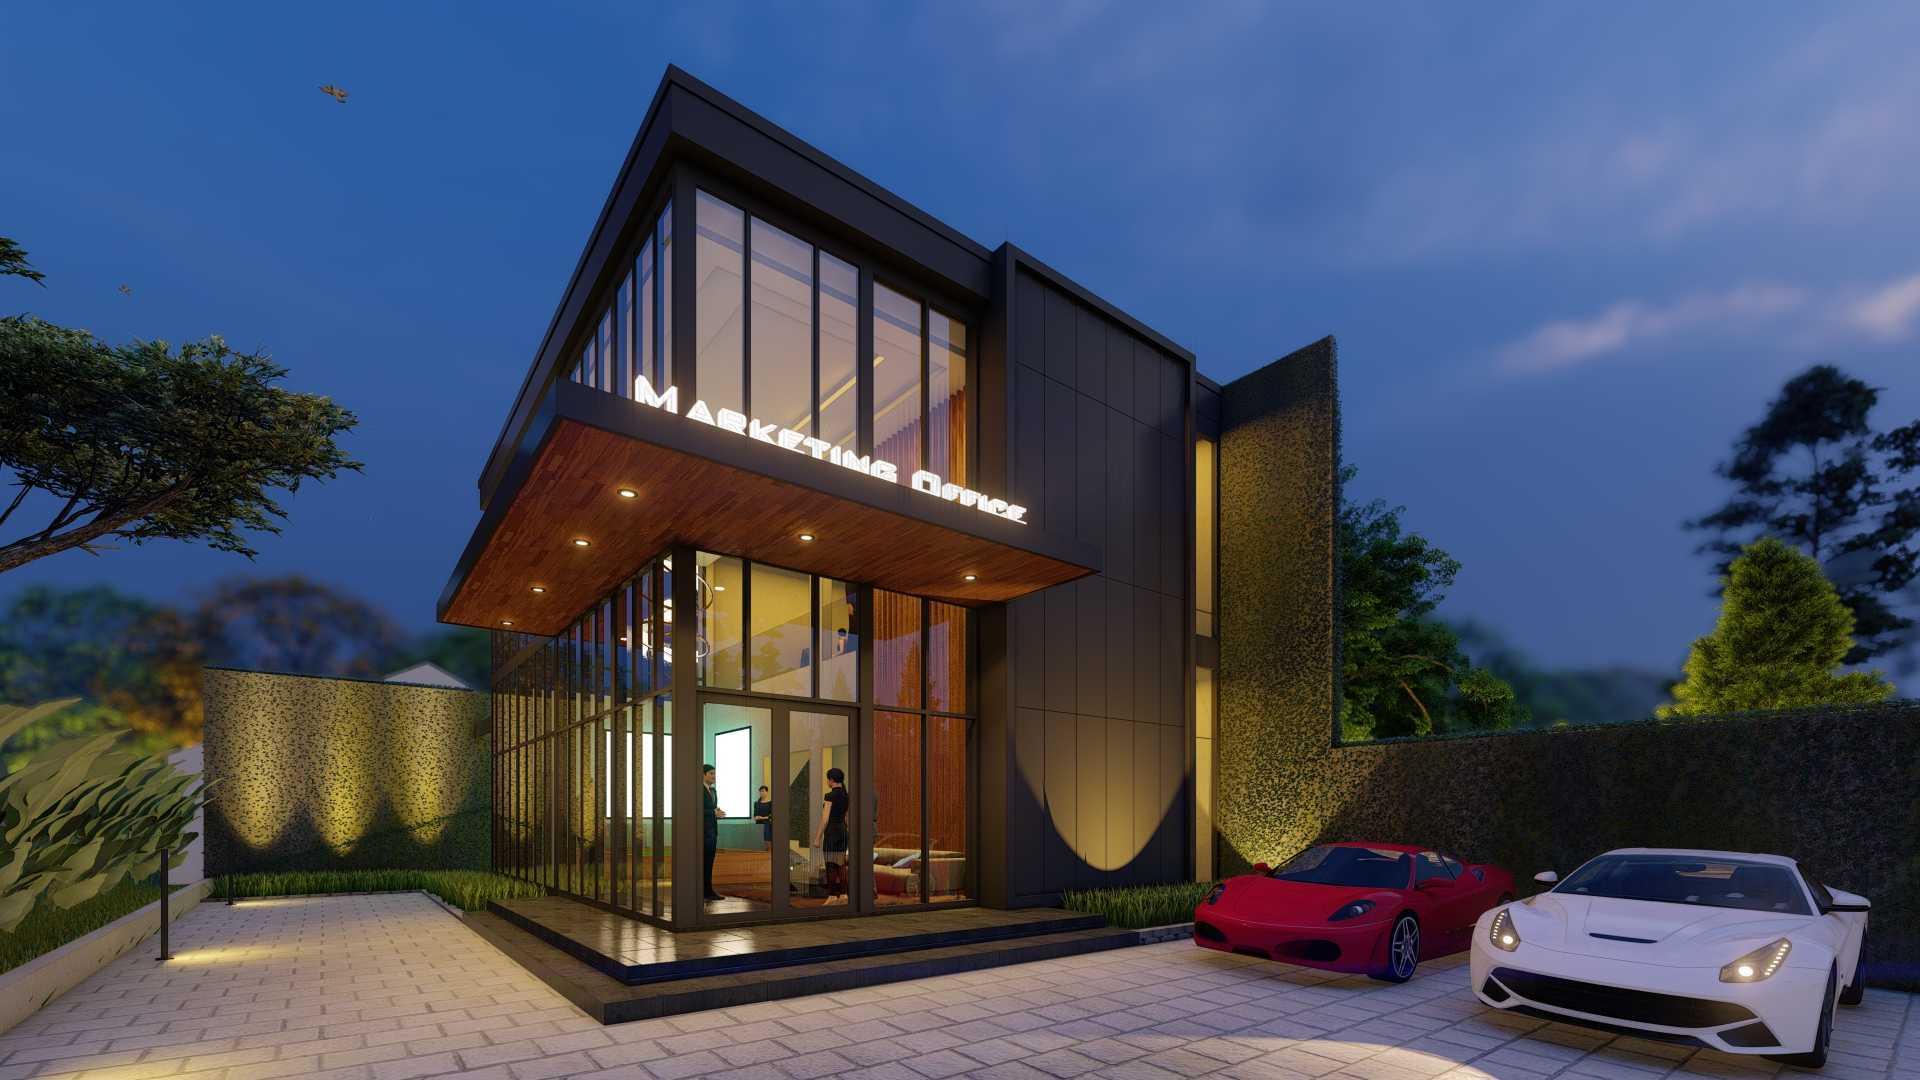 Slight Architect Marketing Office (Paired Design) Makassar, Kota Makassar, Sulawesi Selatan, Indonesia Makassar, Kota Makassar, Sulawesi Selatan, Indonesia Slight-Architect-Marketing-Office-Paired-Design   130715